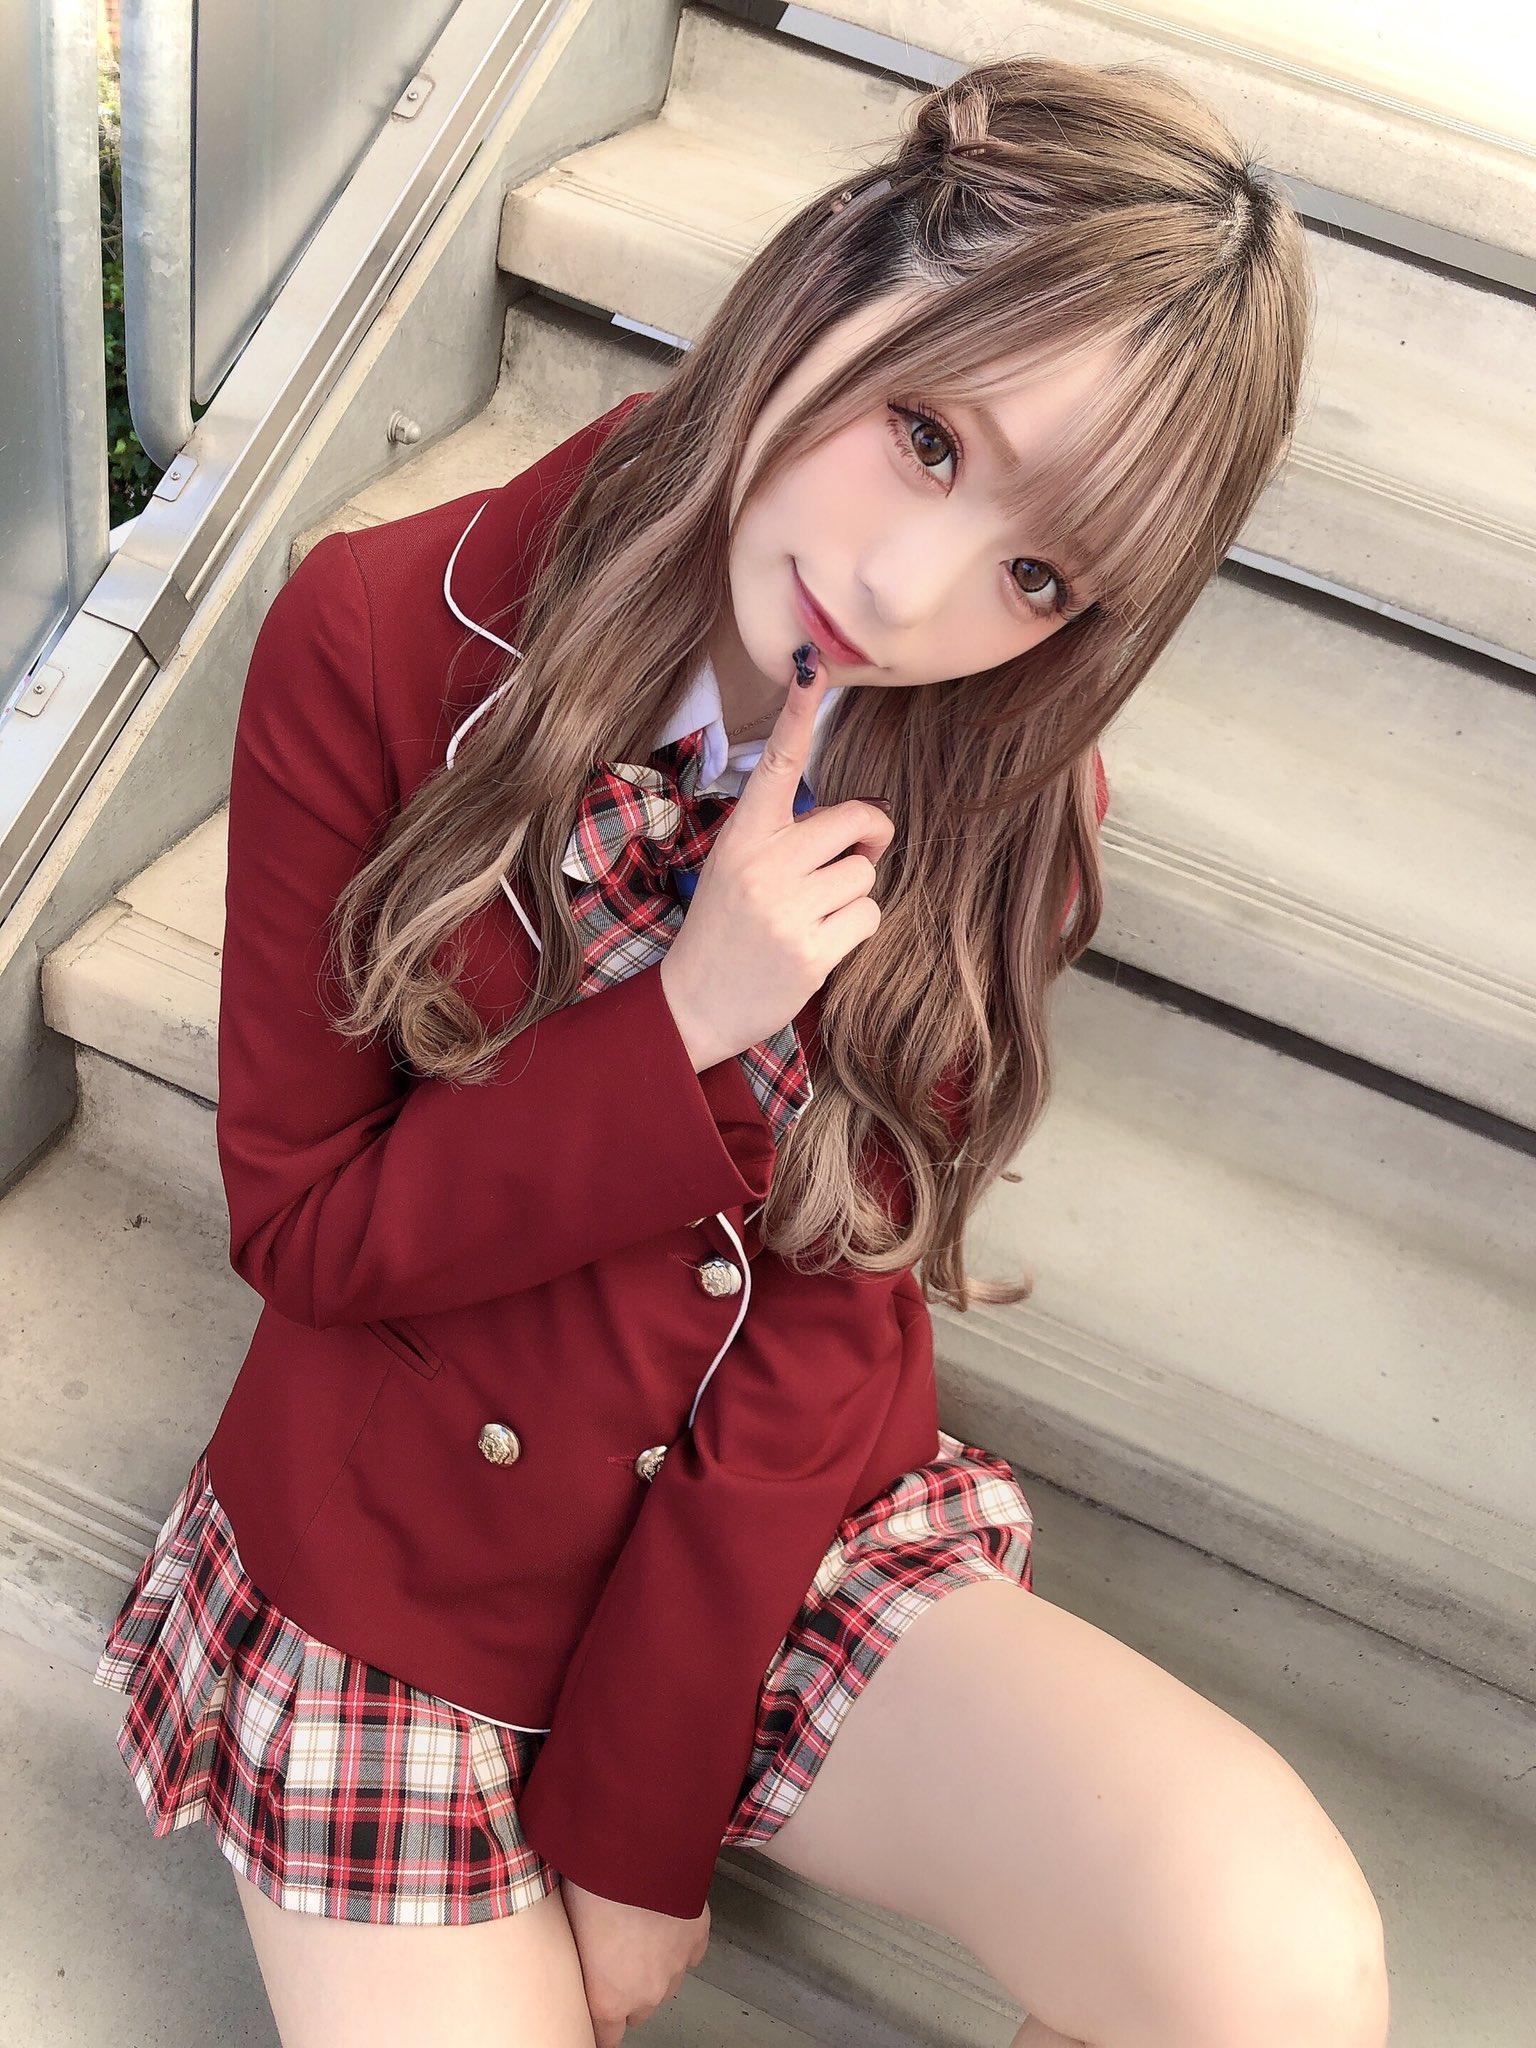 日系格子裙的JK高中美少女 #制服美少女》#Cute #Girl #Pretty #Girls #漂亮 #可愛 #格子裙